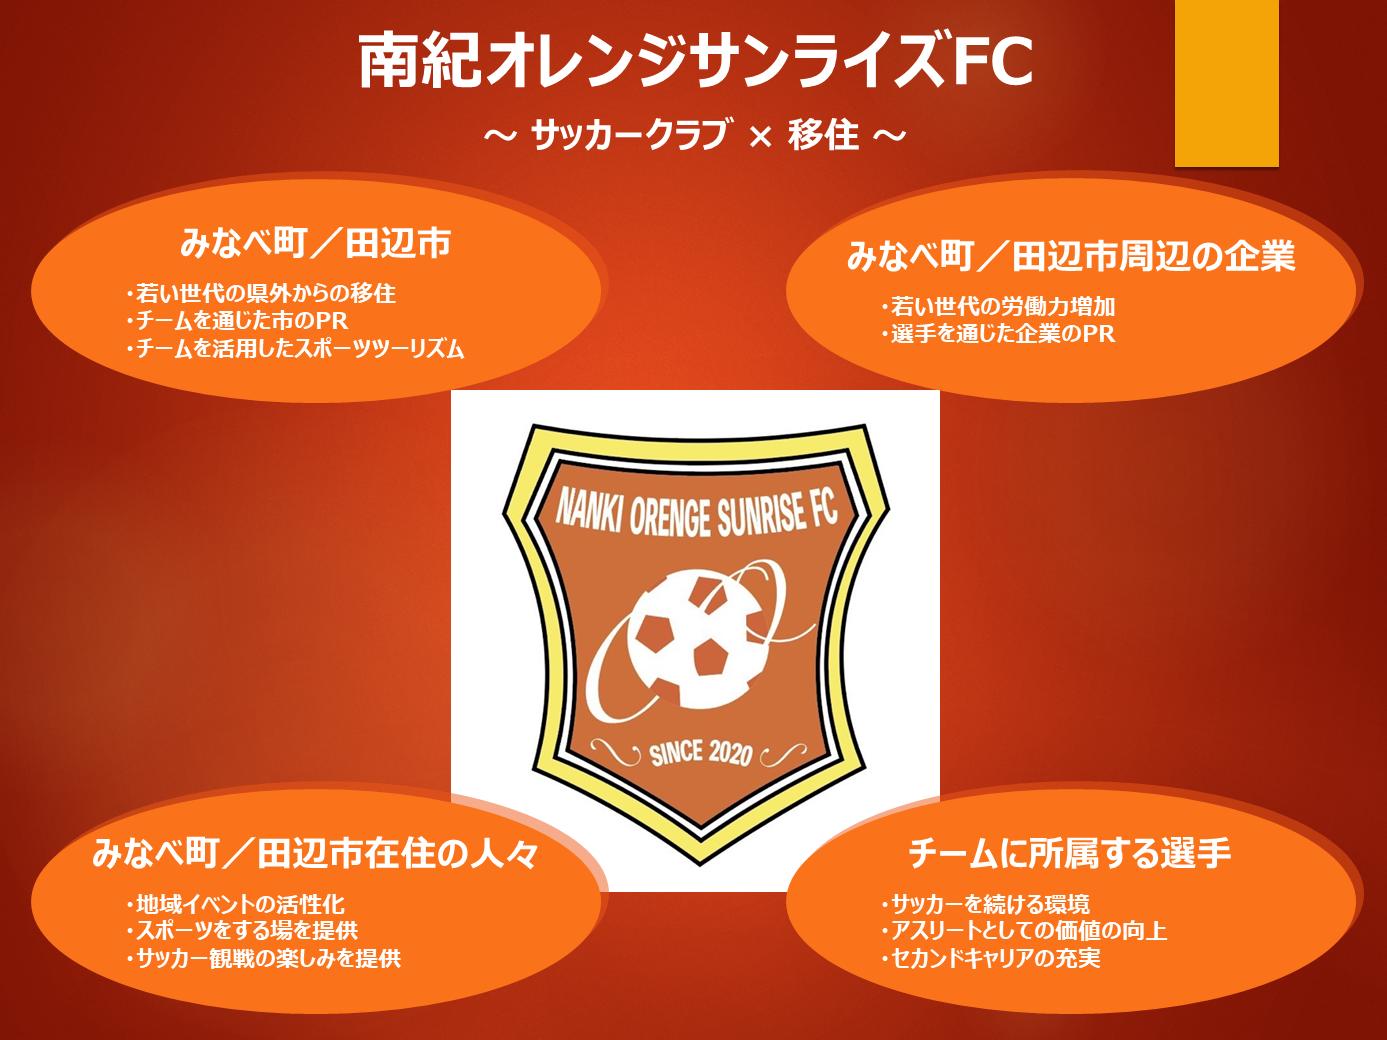 「サッカークラブ×移住」新たな形で地域活性化を図るサッカークラブ設立プロジェクトが始動!